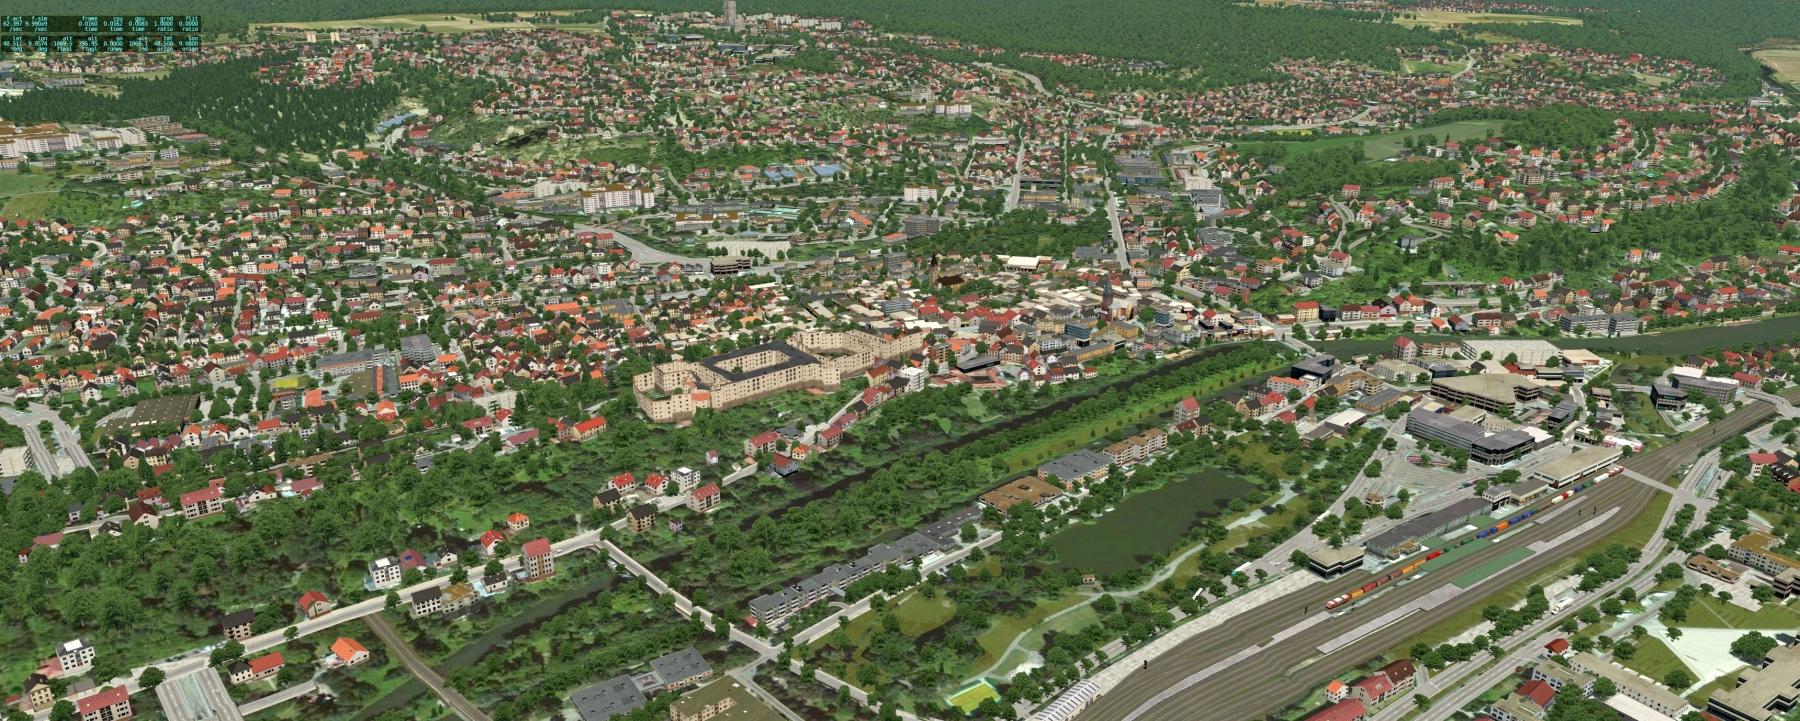 DE Tübingen